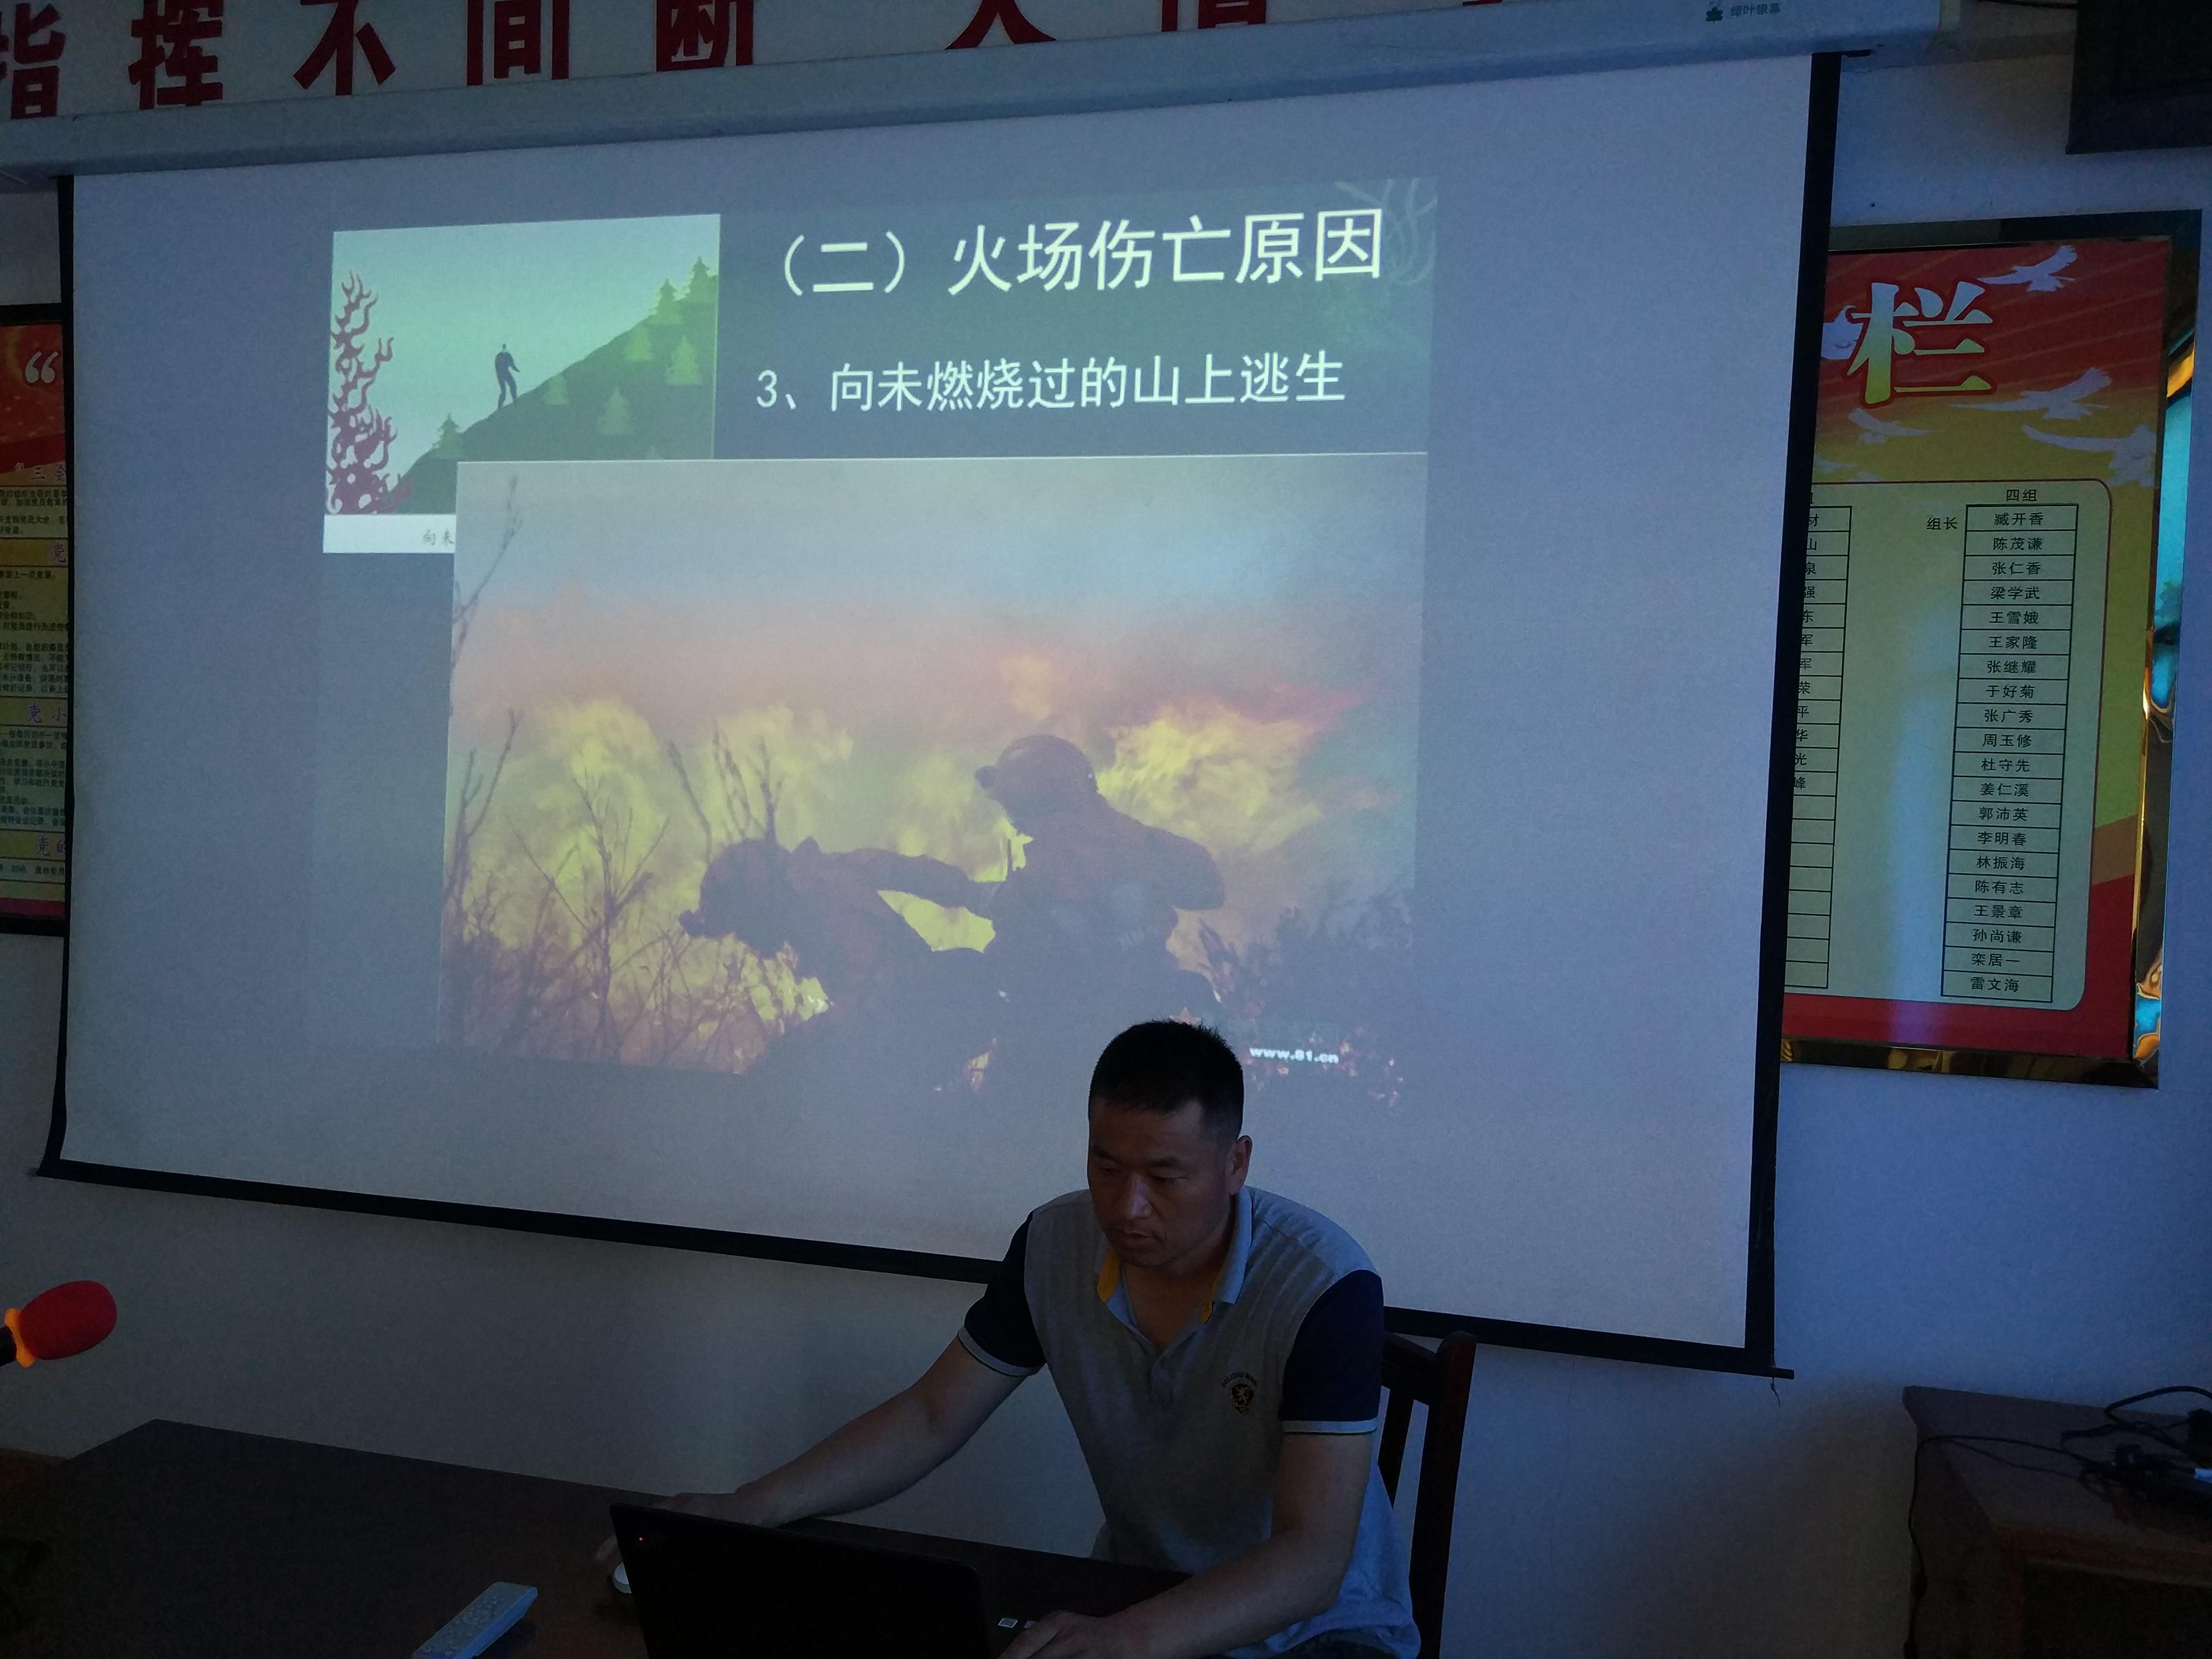 首饰上的两张王牌视频火场焊接图片